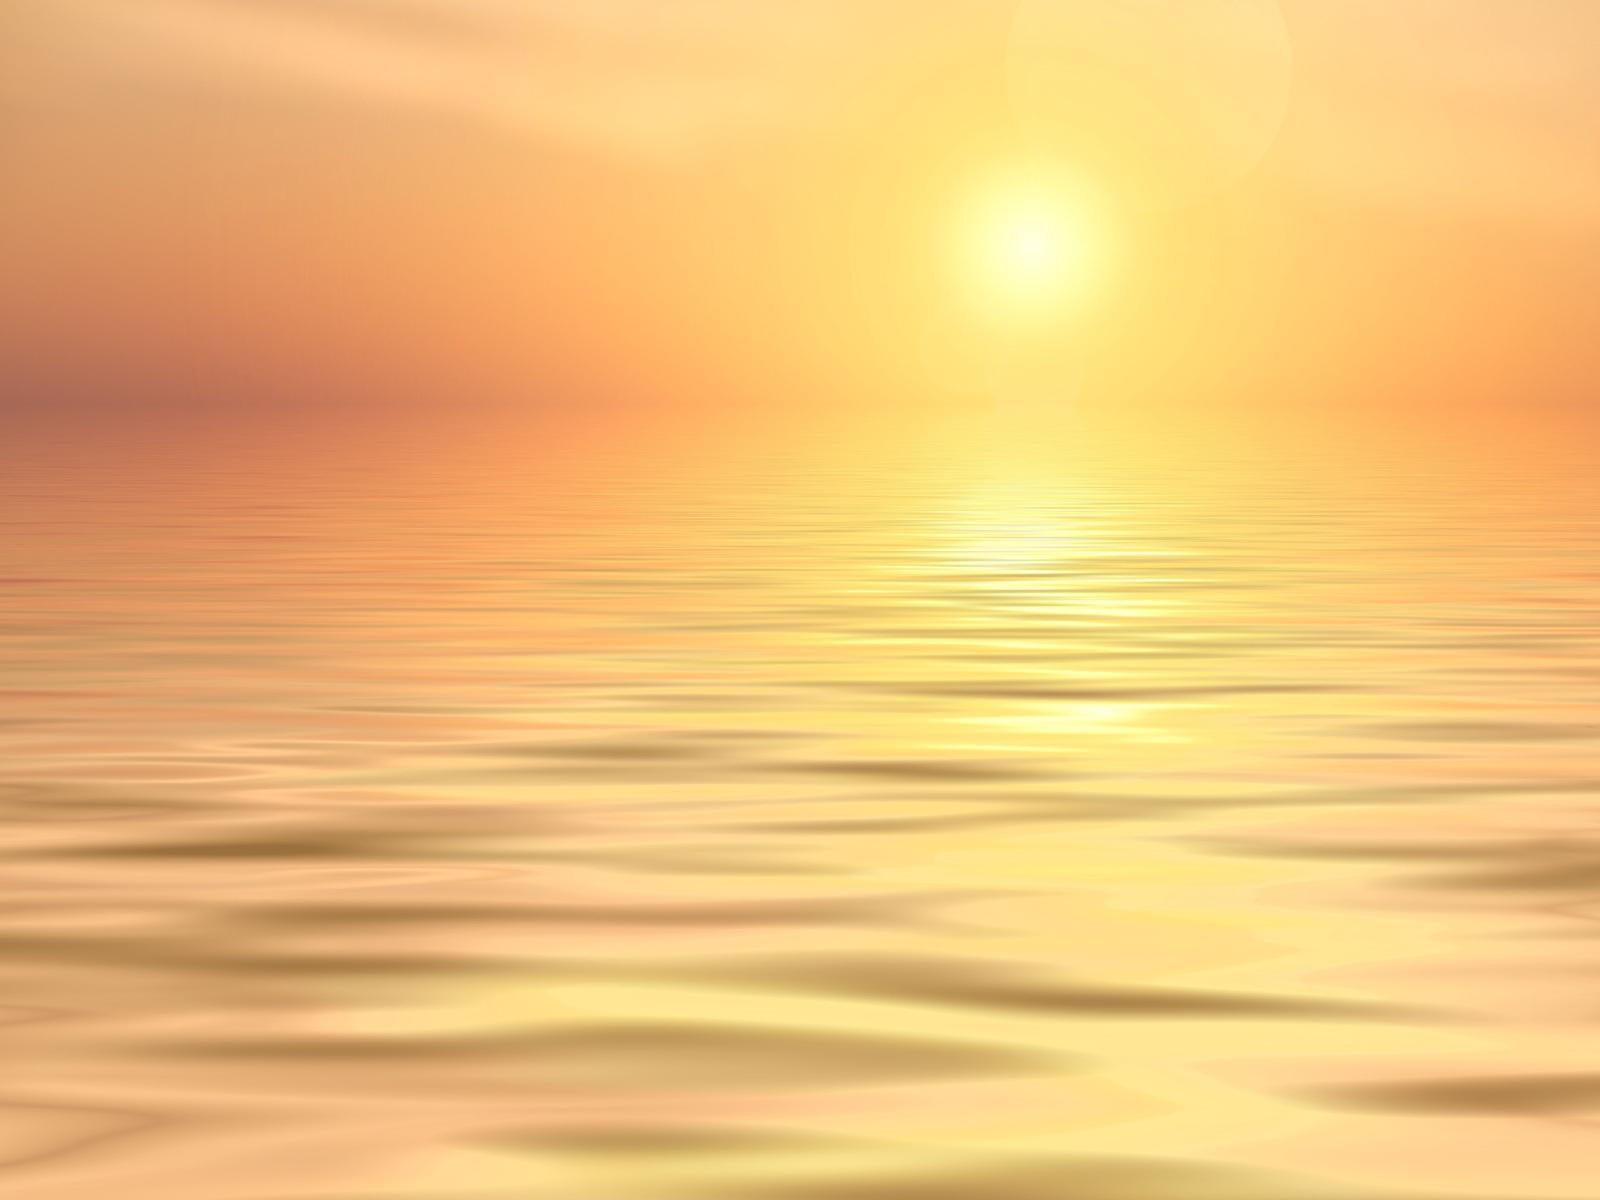 abendstimmung-calm-sea-sunset-5k-c4.jpg